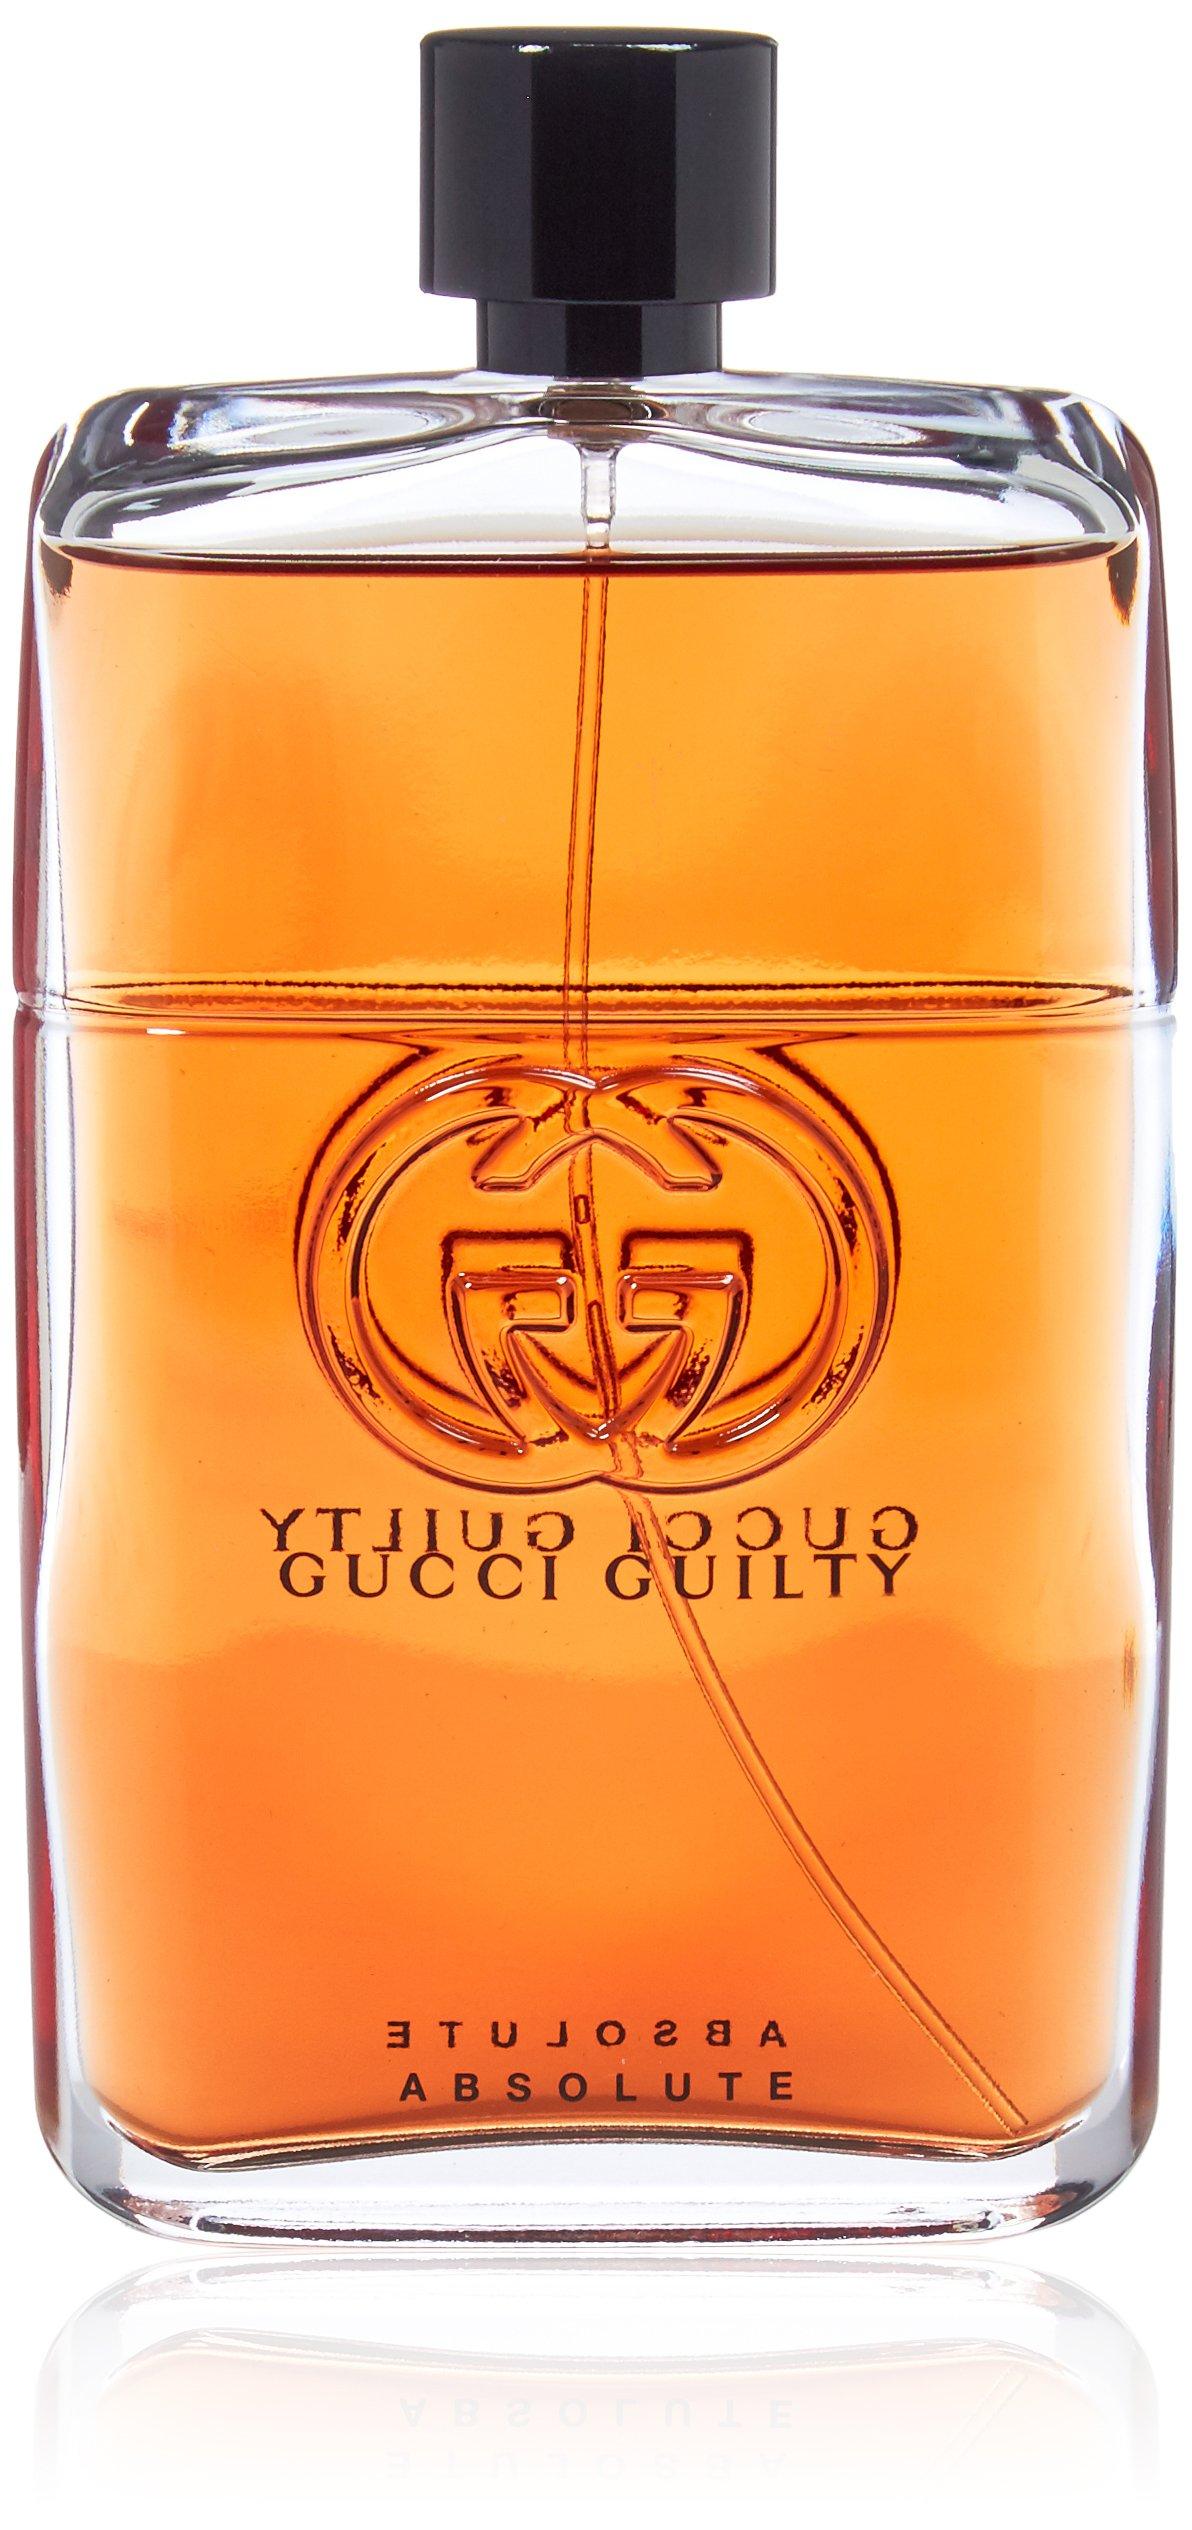 263e9c086 Get Quotations · Gucci Guilty Absolute Eau de Parfum Spray for Men, 5 Fluid  Ounce